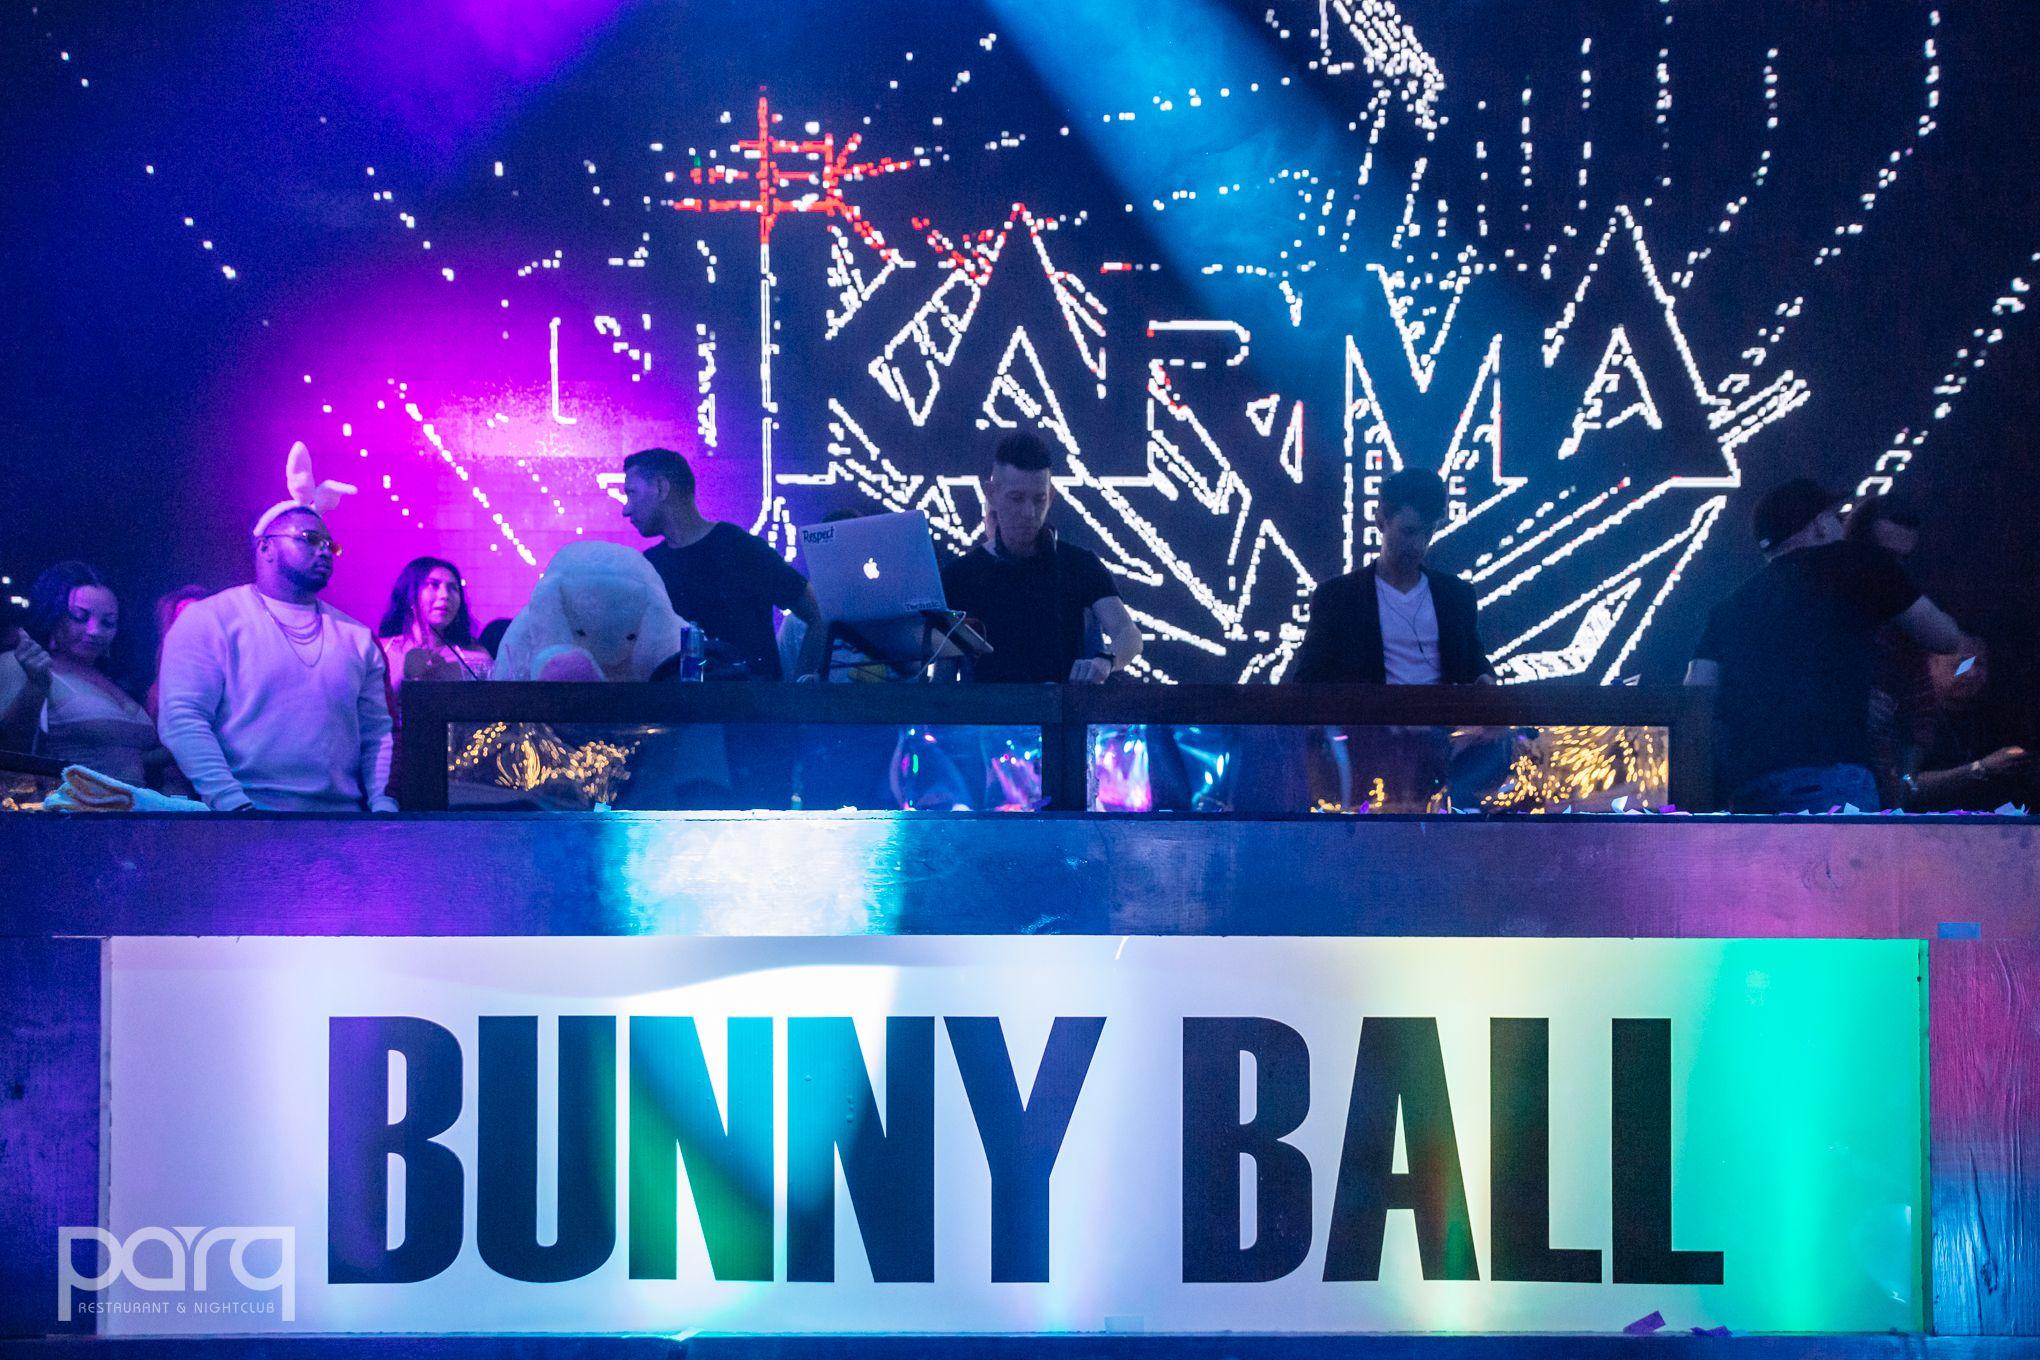 03.30.19 Parq - Bunny Ball-1.jpg